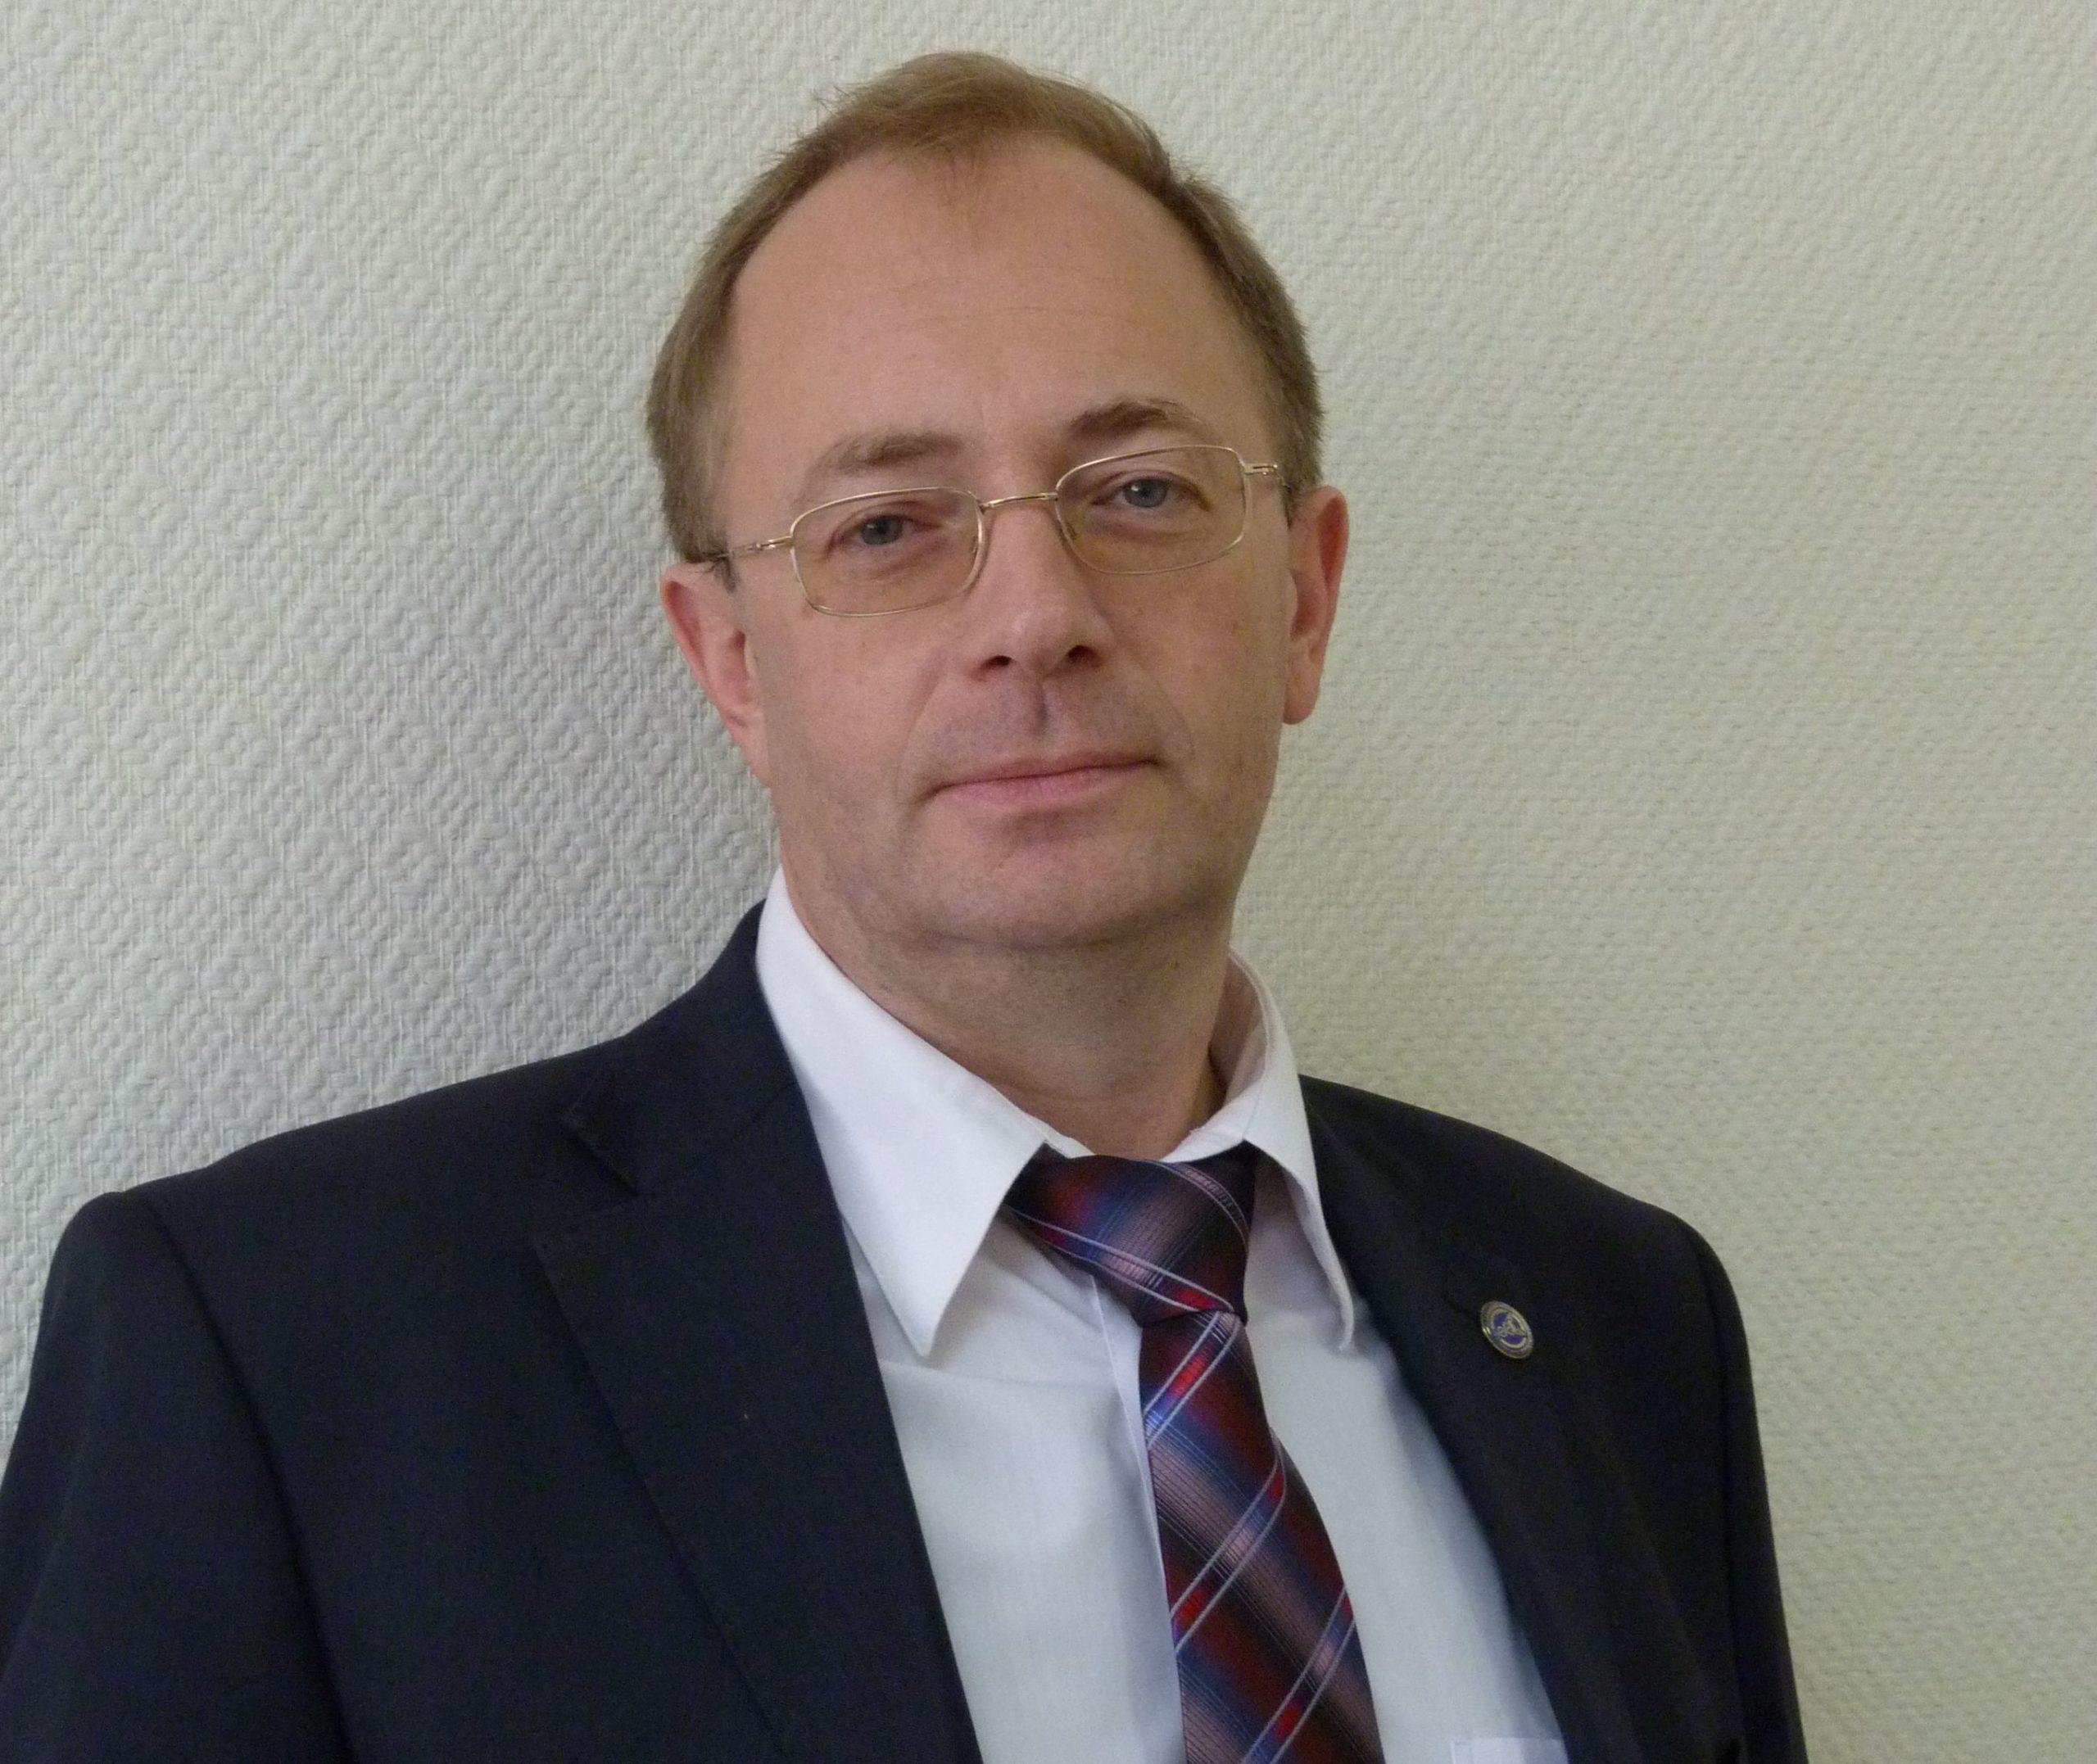 Владислав Шориков: «Это новый период по оказанию медицинской помощи населению»